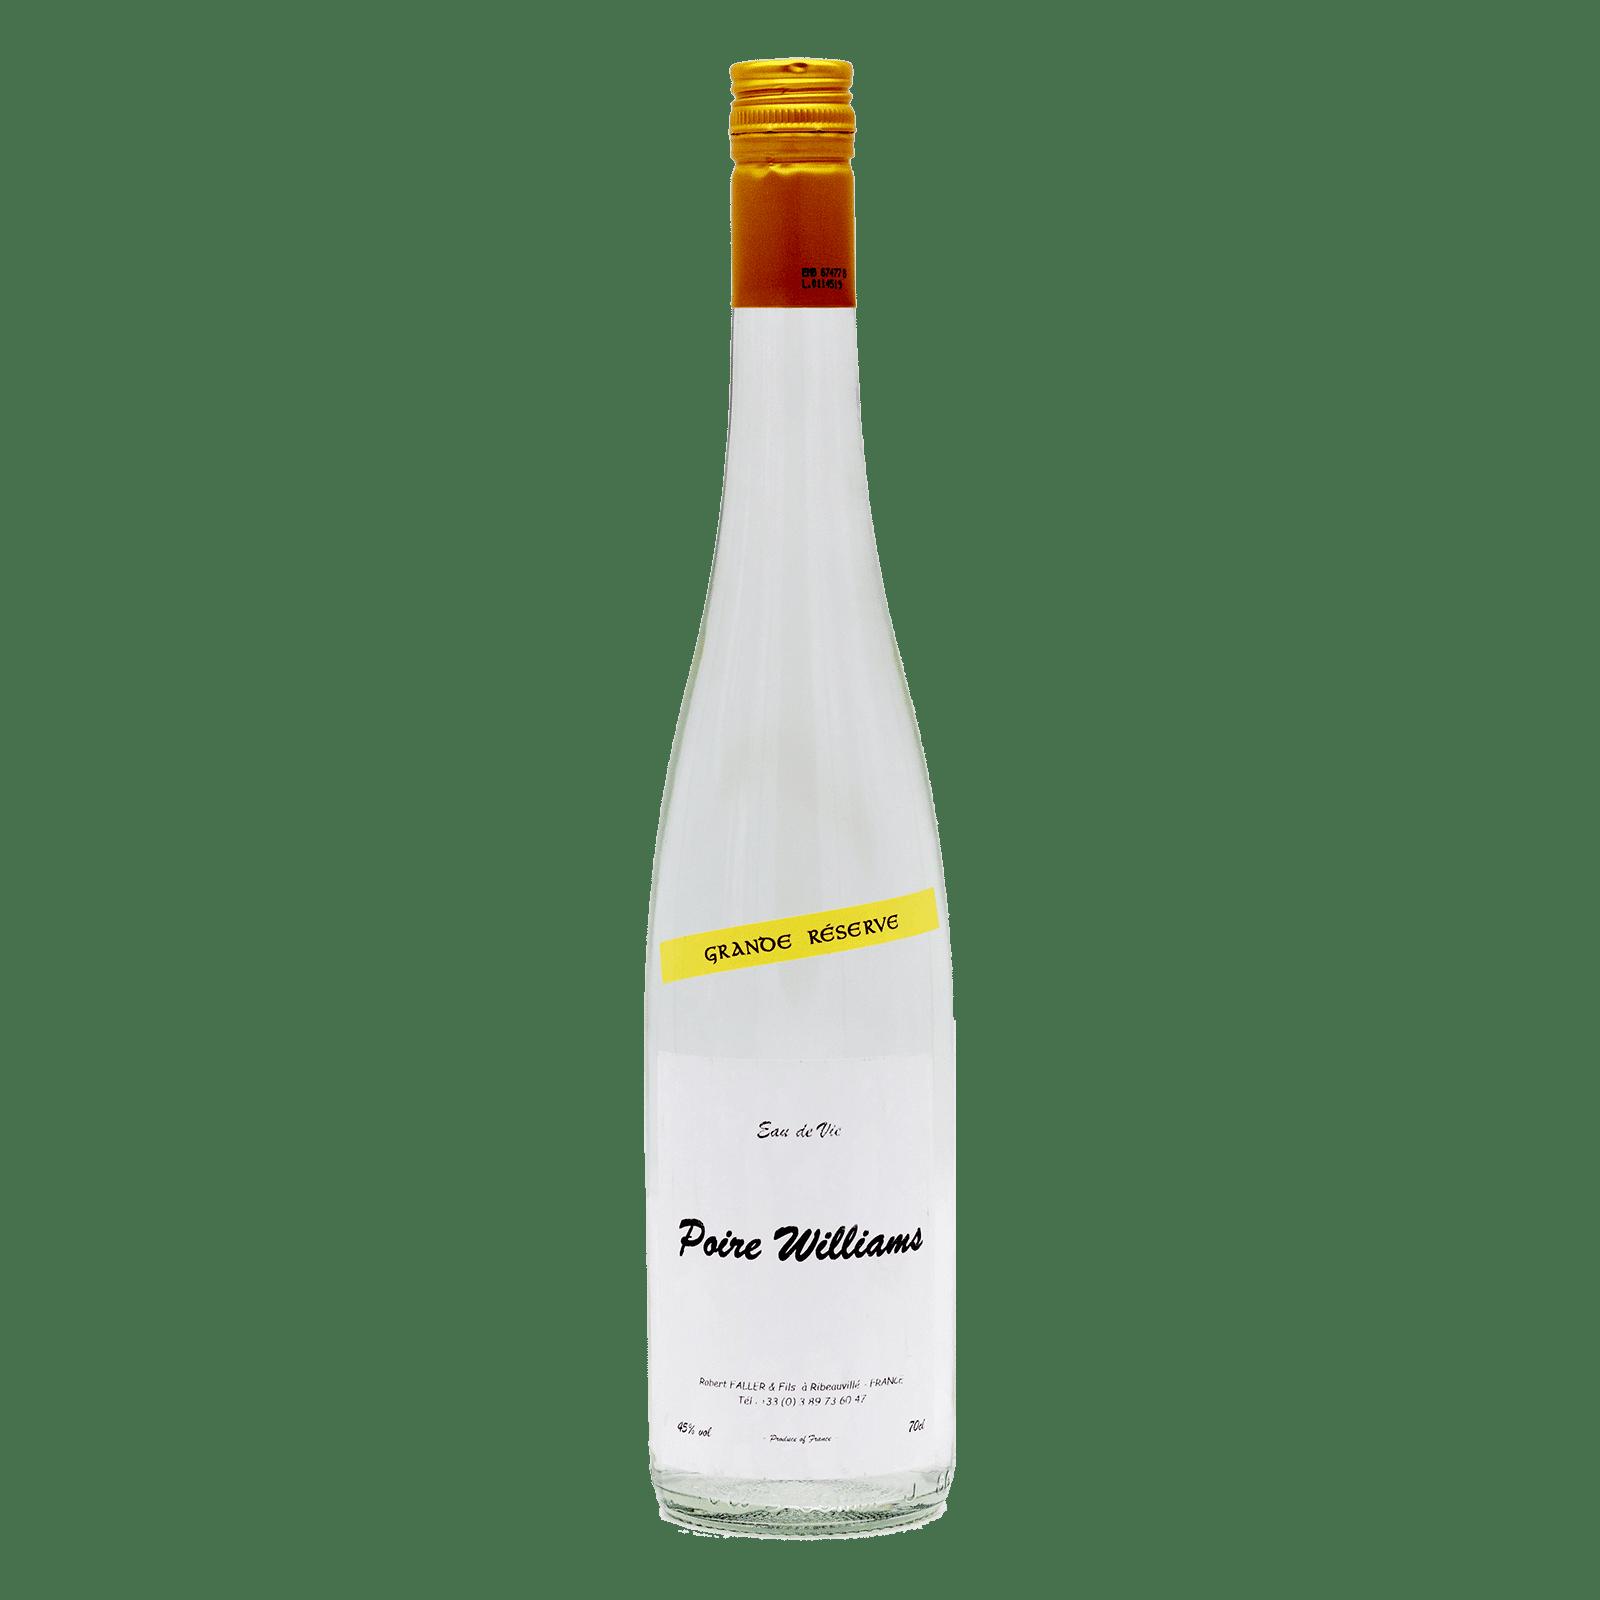 eau-de-vie-poire-williams